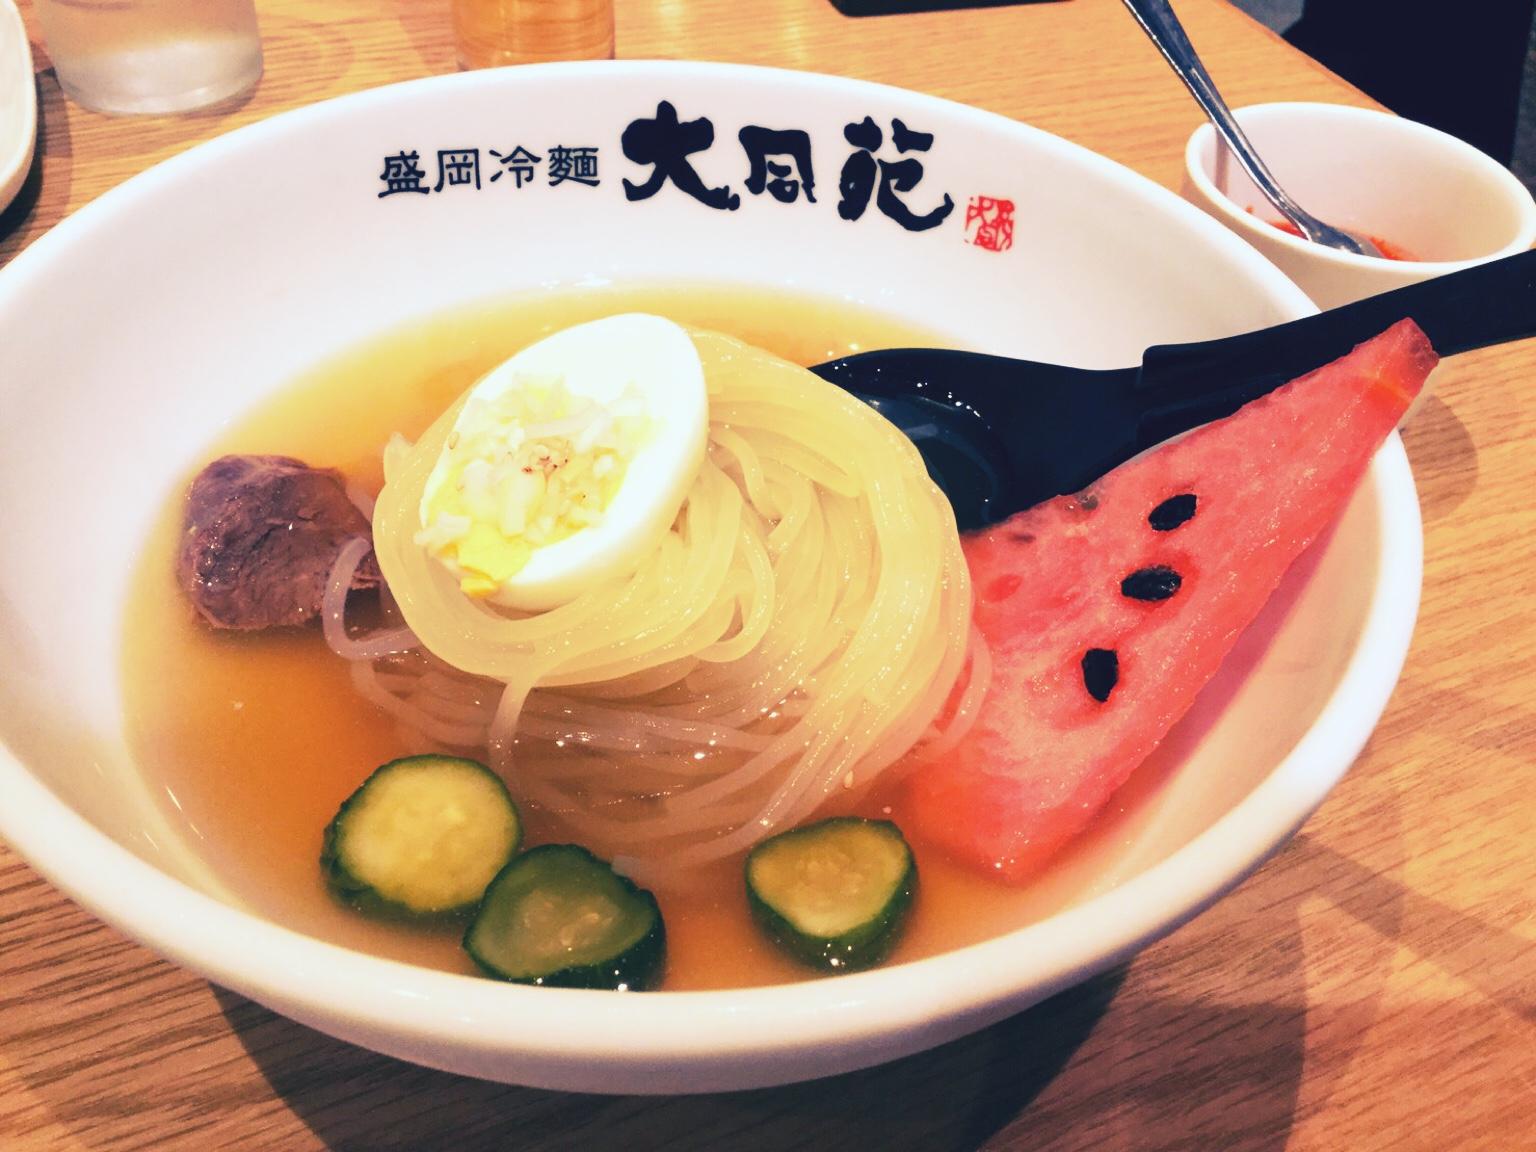 大同苑の冷麺を食べてみた!in 盛岡